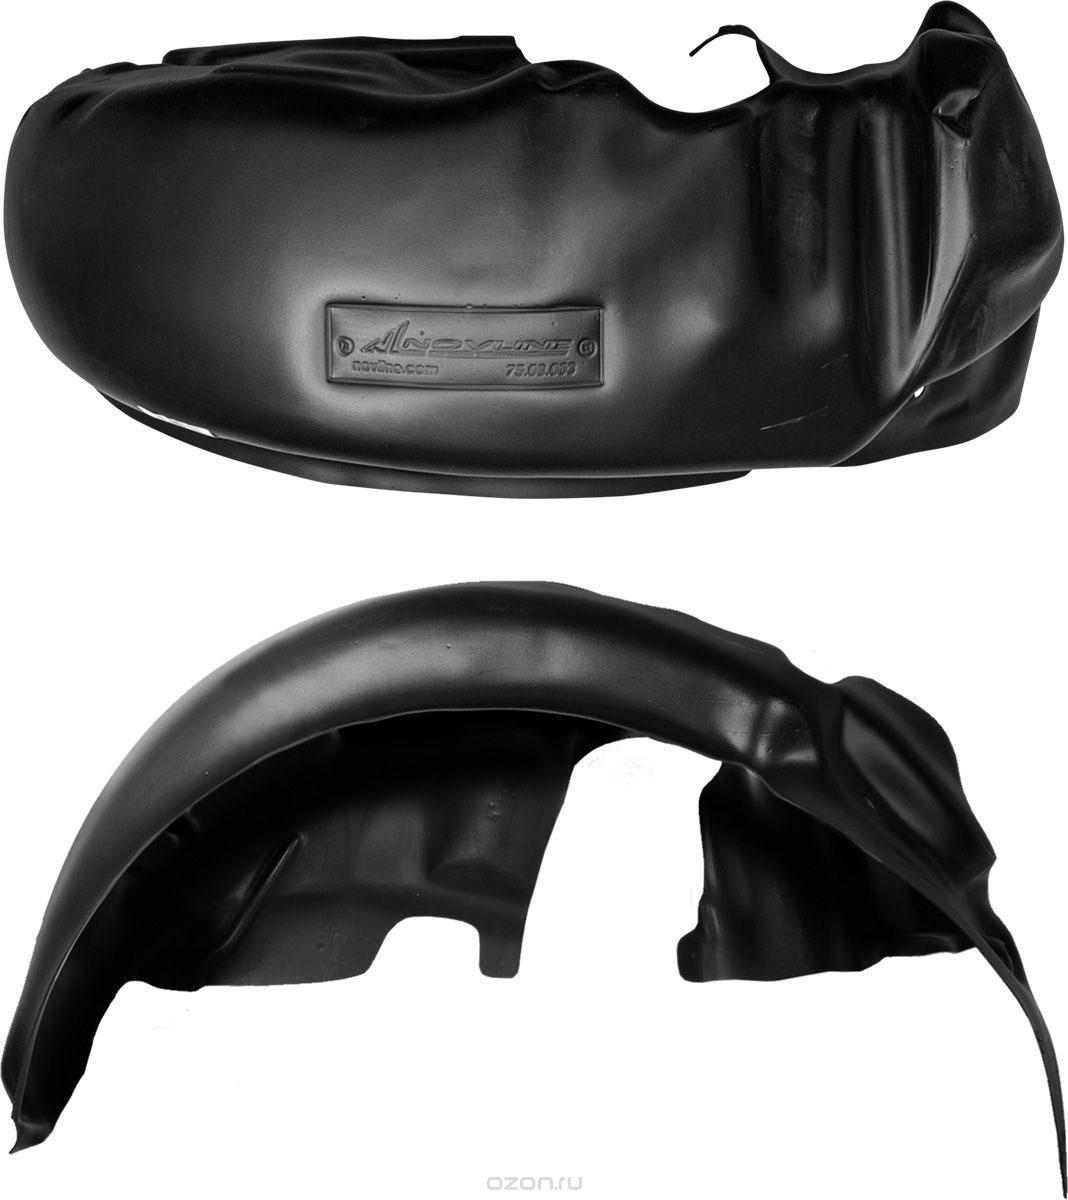 Подкрылок Novline-Autofamily, для DONGFENG H30, 03/2014->, Хэтчбек, задний левый44005002Идеальная защита колесной ниши. Локеры разработаны с применением цифровых технологий, гарантируют максимальную повторяемость поверхности арки. Изделия устанавливаются без нарушения лакокрасочного покрытия автомобиля, каждый подкрылок комплектуется крепежом. Уважаемые клиенты, обращаем ваше внимание, что фотографии на подкрылки универсальные и не отражают реальную форму изделия. При этом само изделие идет точно под размер указанного автомобиля.